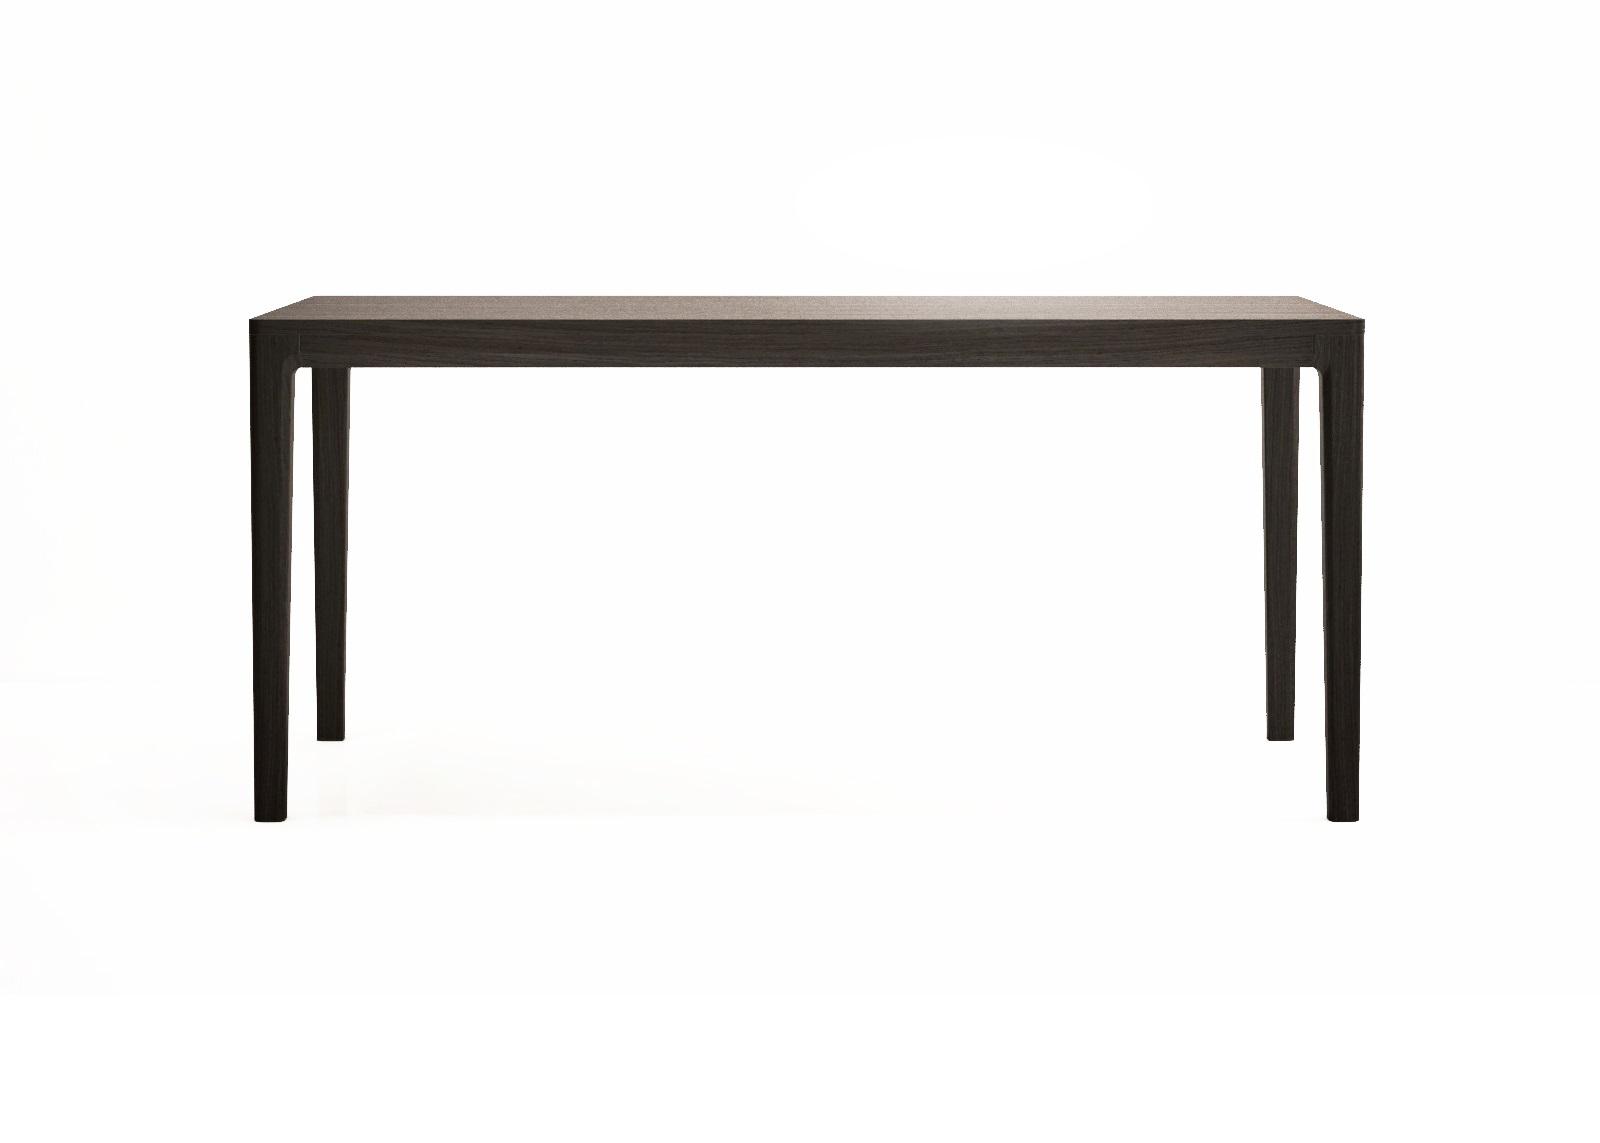 Обеденный стол MAVISОбеденные столы<br>Обеденный стол MAVIS представляет собой безупречный дизайн, элегантность и универсальность.<br>Благодаря своему внешнему минимализму MAVIS отлично впишется в интерьер кухни, столовой или офиса,<br>кроме того, к нему подойдет множество самых разных типов стульев.<br>Размеры стола рассчитаны на 6-8 персон.<br>Стол MAVIS доступен в пяти видах отделки: светлый дуб, темный дуб, дуб венге, беленый дуб, дуб орех.<br><br>Material: Дуб<br>Ширина см: 160<br>Высота см: 80<br>Глубина см: 75